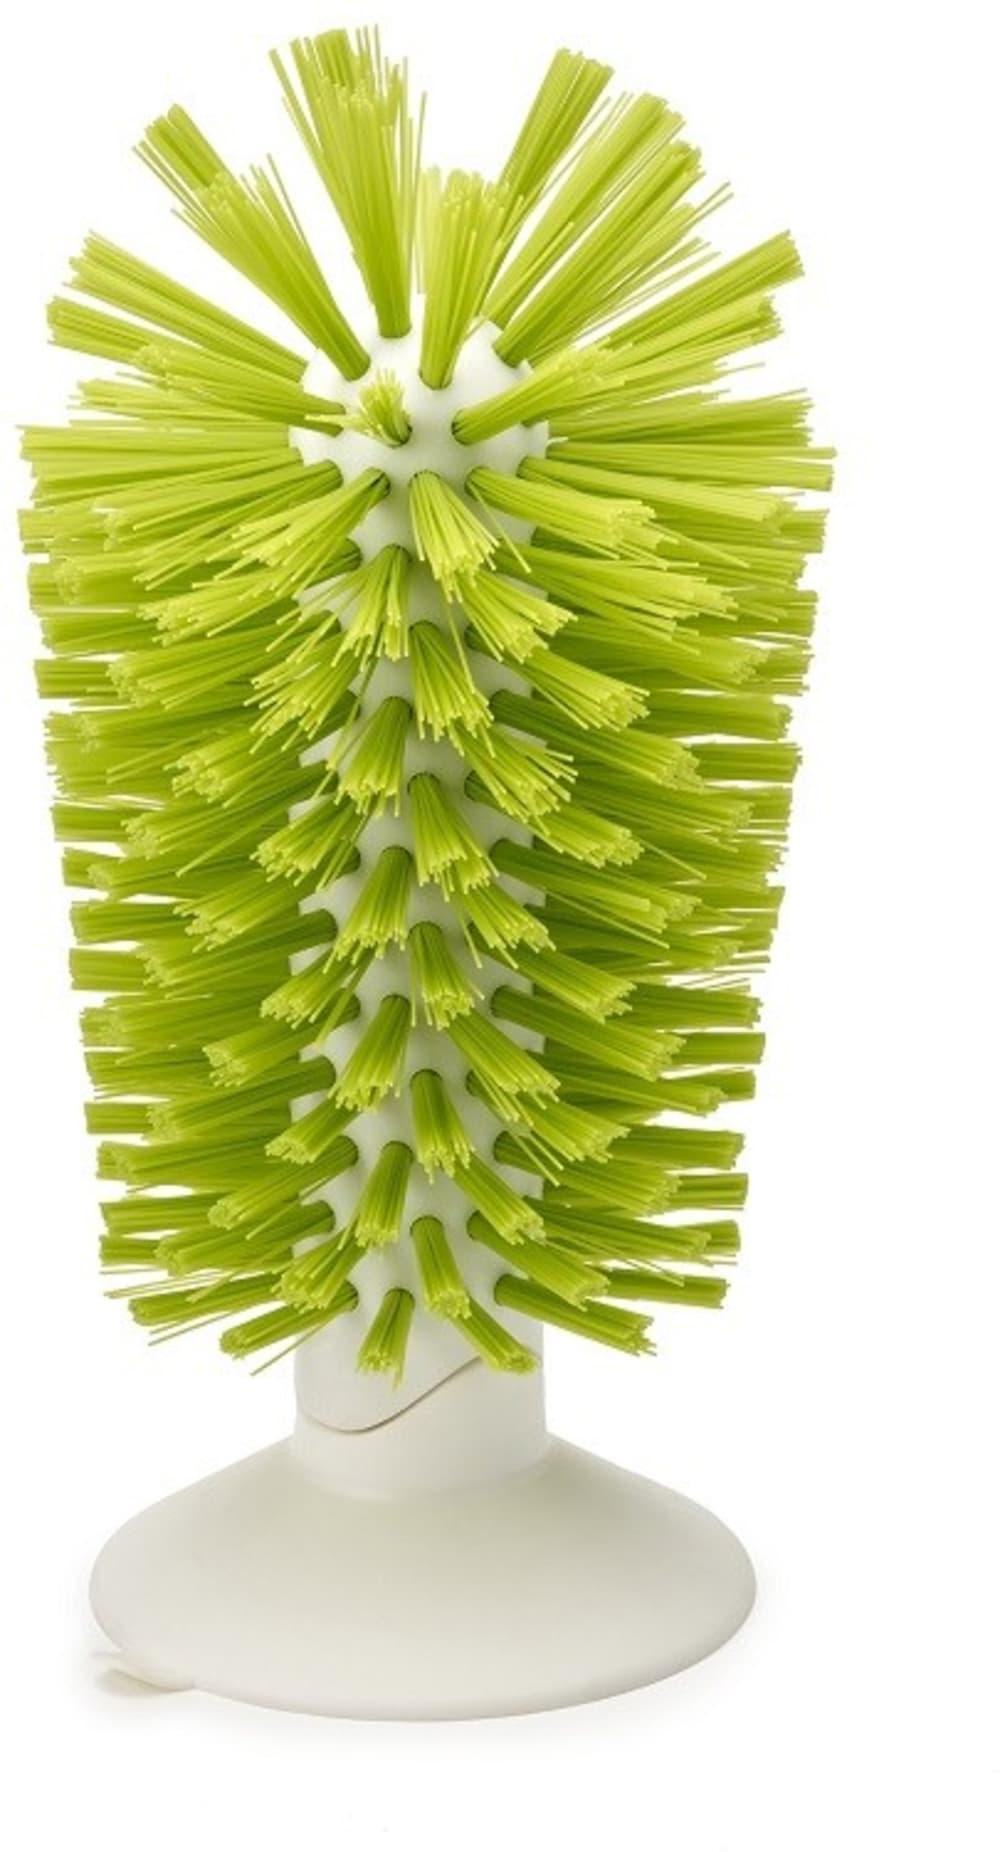 Szczotka z przyssawką Brush-up zielona Joseph Joseph